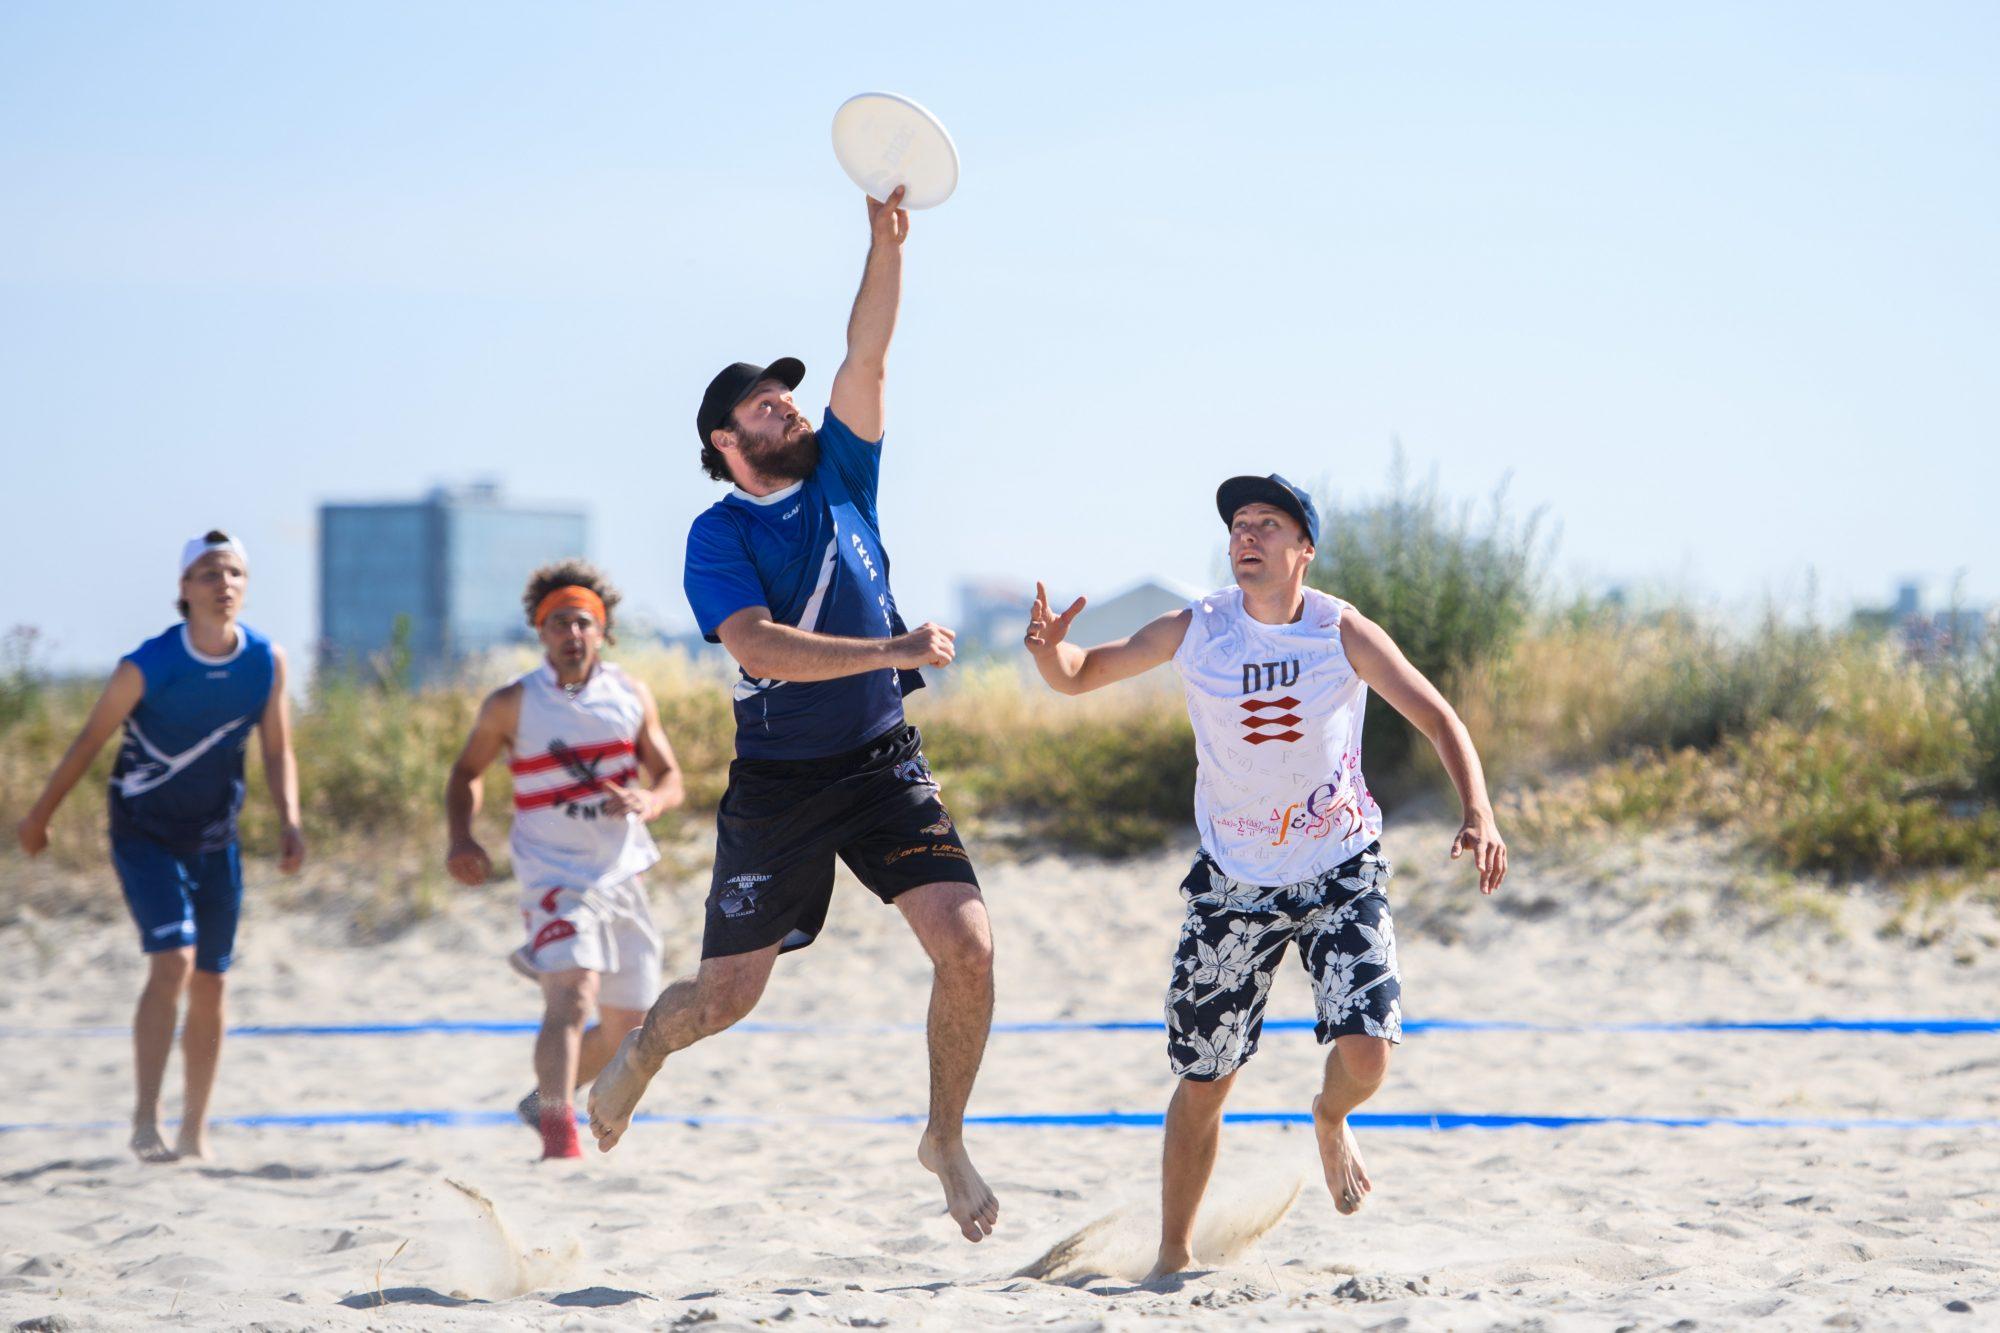 Martin Skerlep, Akka och Frank Almirudis, DTU under match i Beach Ultimate Frisbee mellan DTU och Akka under dag 4 av SM-veckan den 29 juni 2019 i Malmö.